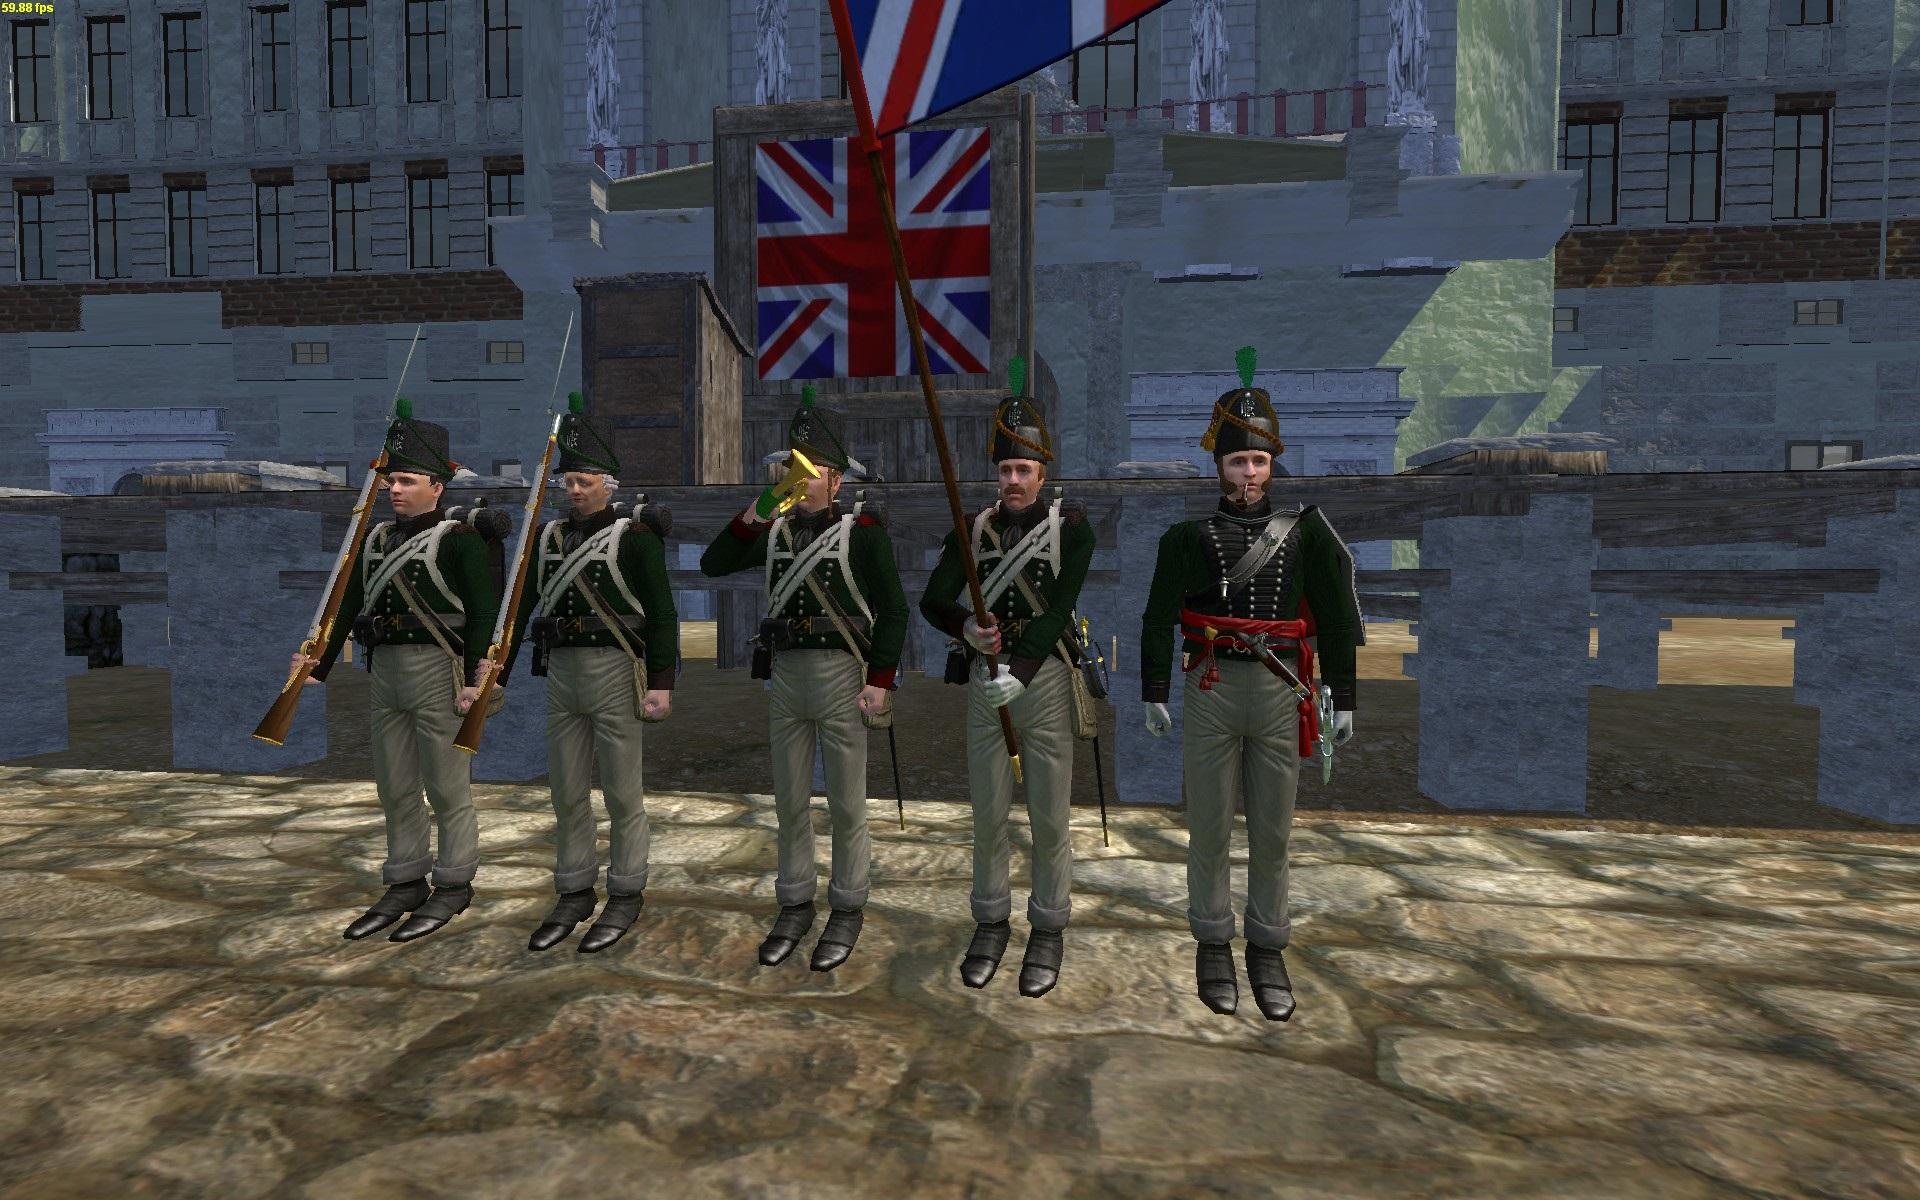 Leichte Infanterie [vorne]